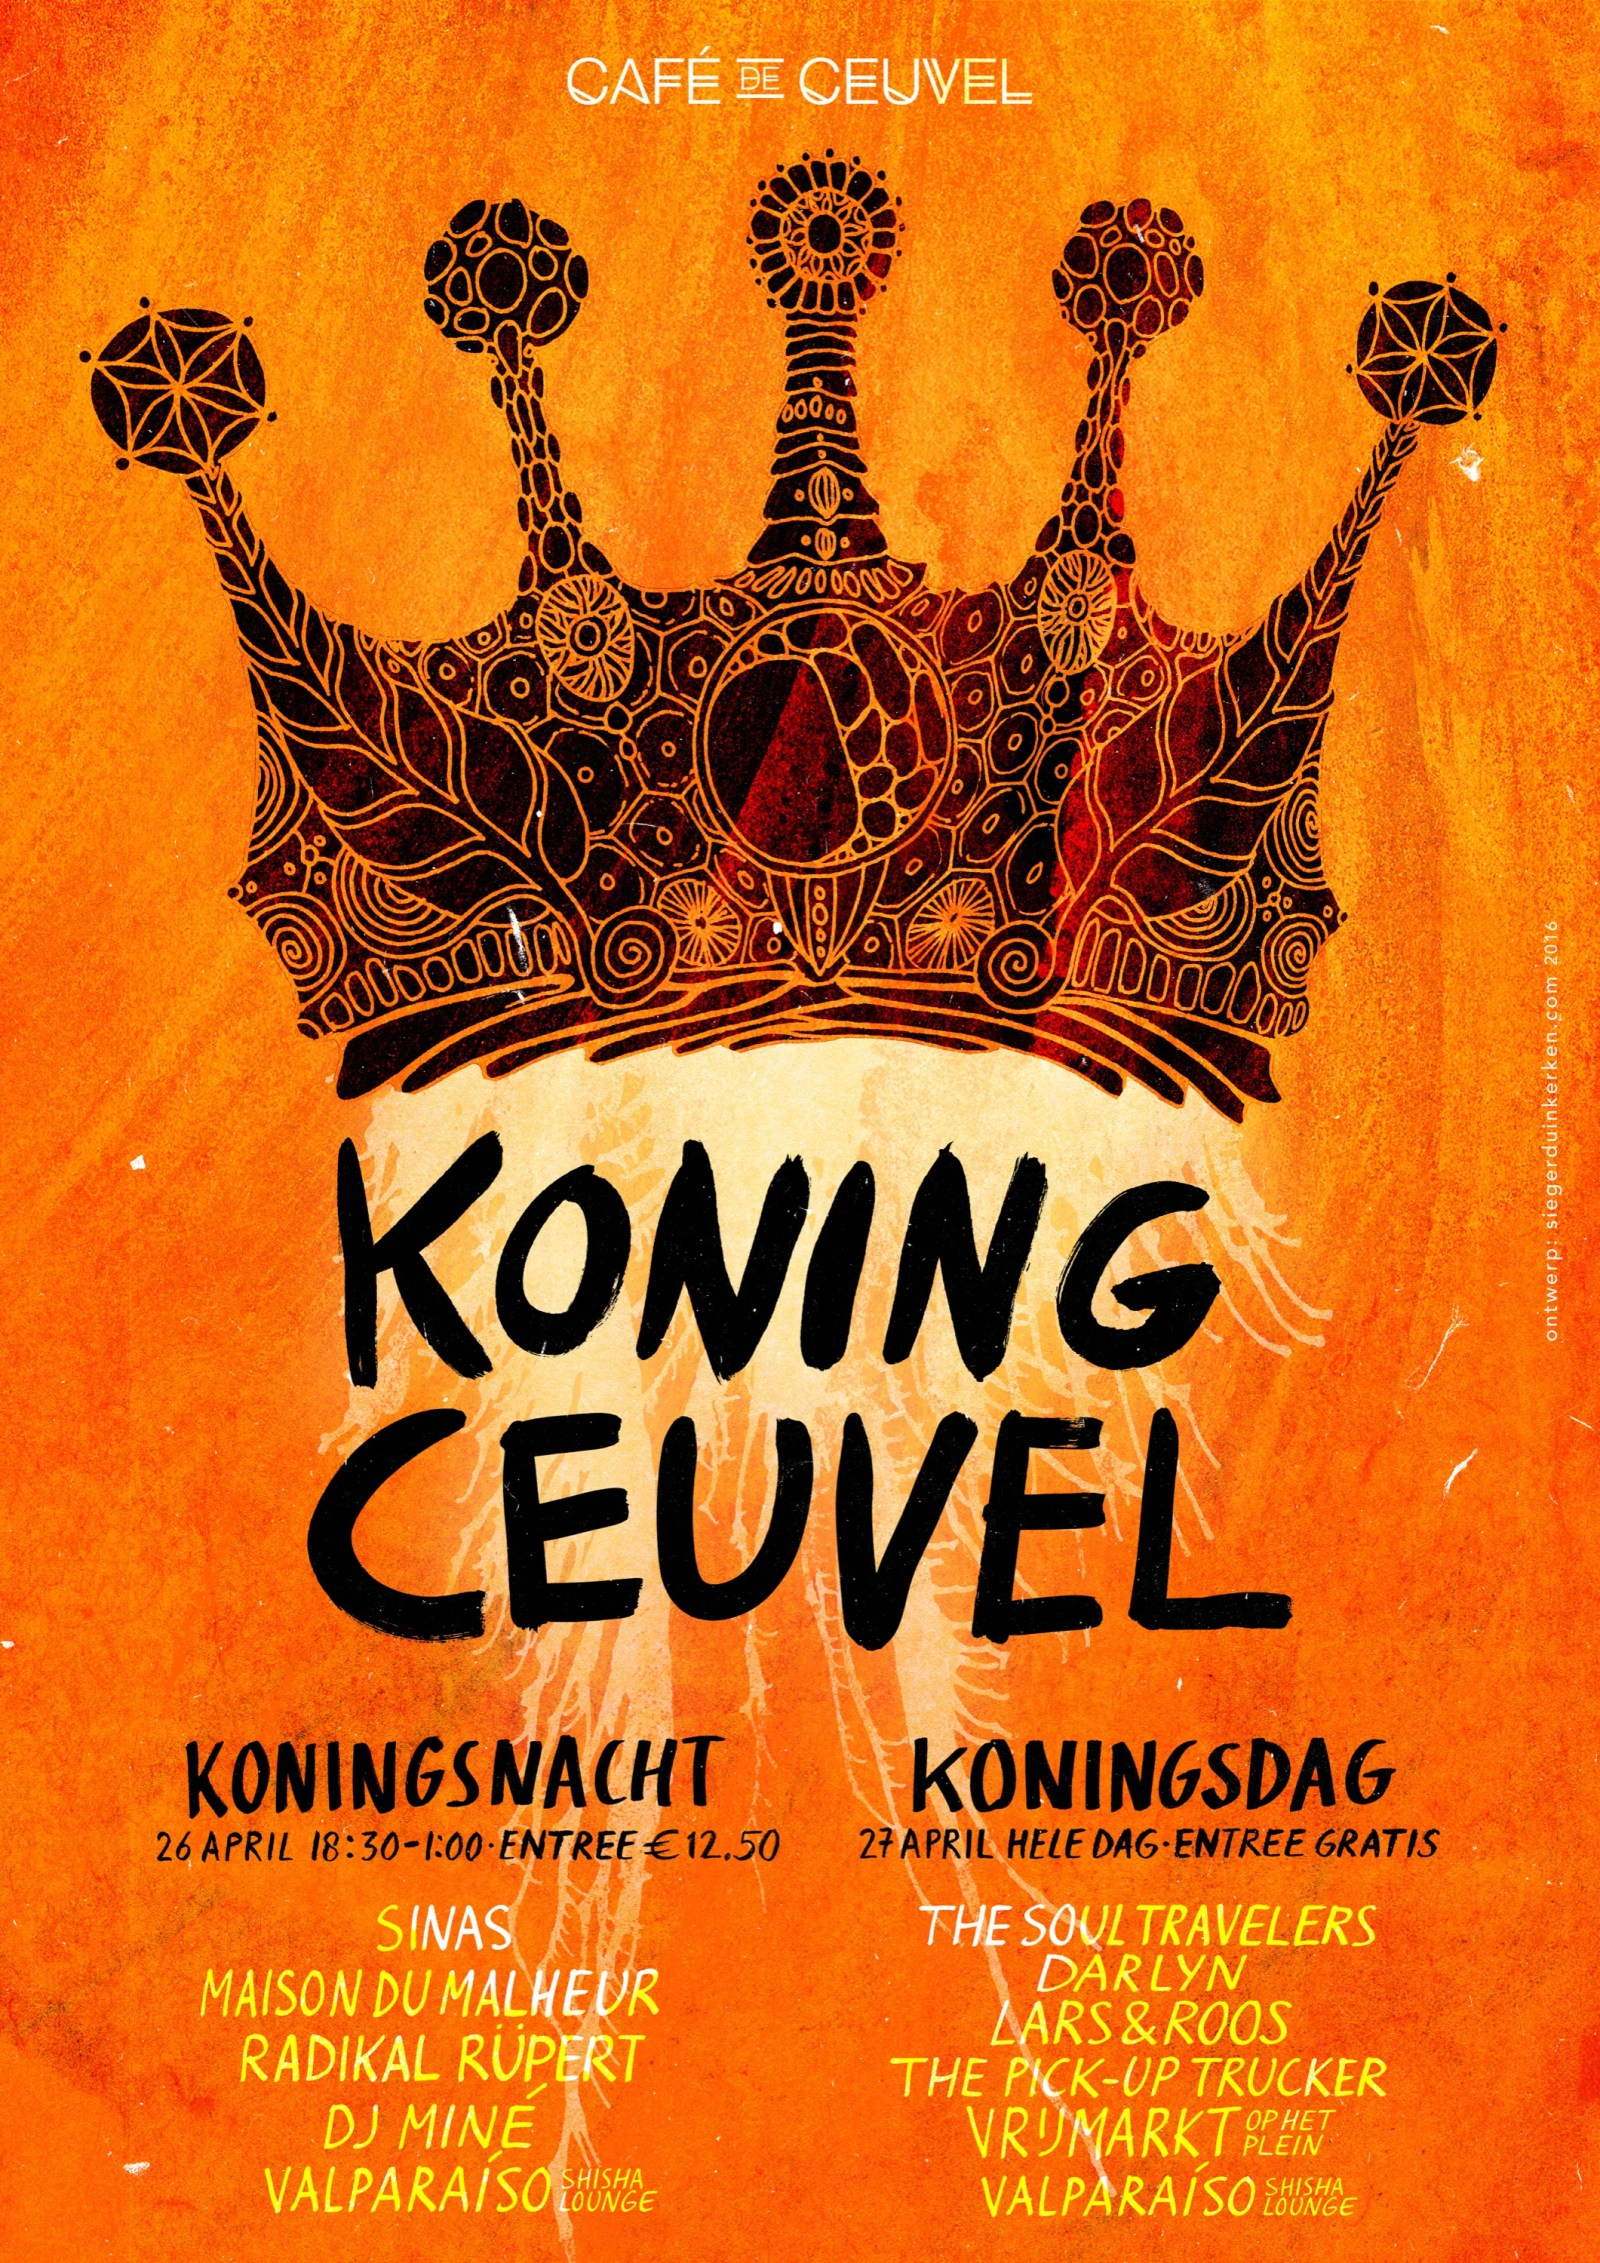 Affiche Ceuvel Koningsdag 2016 DEF M